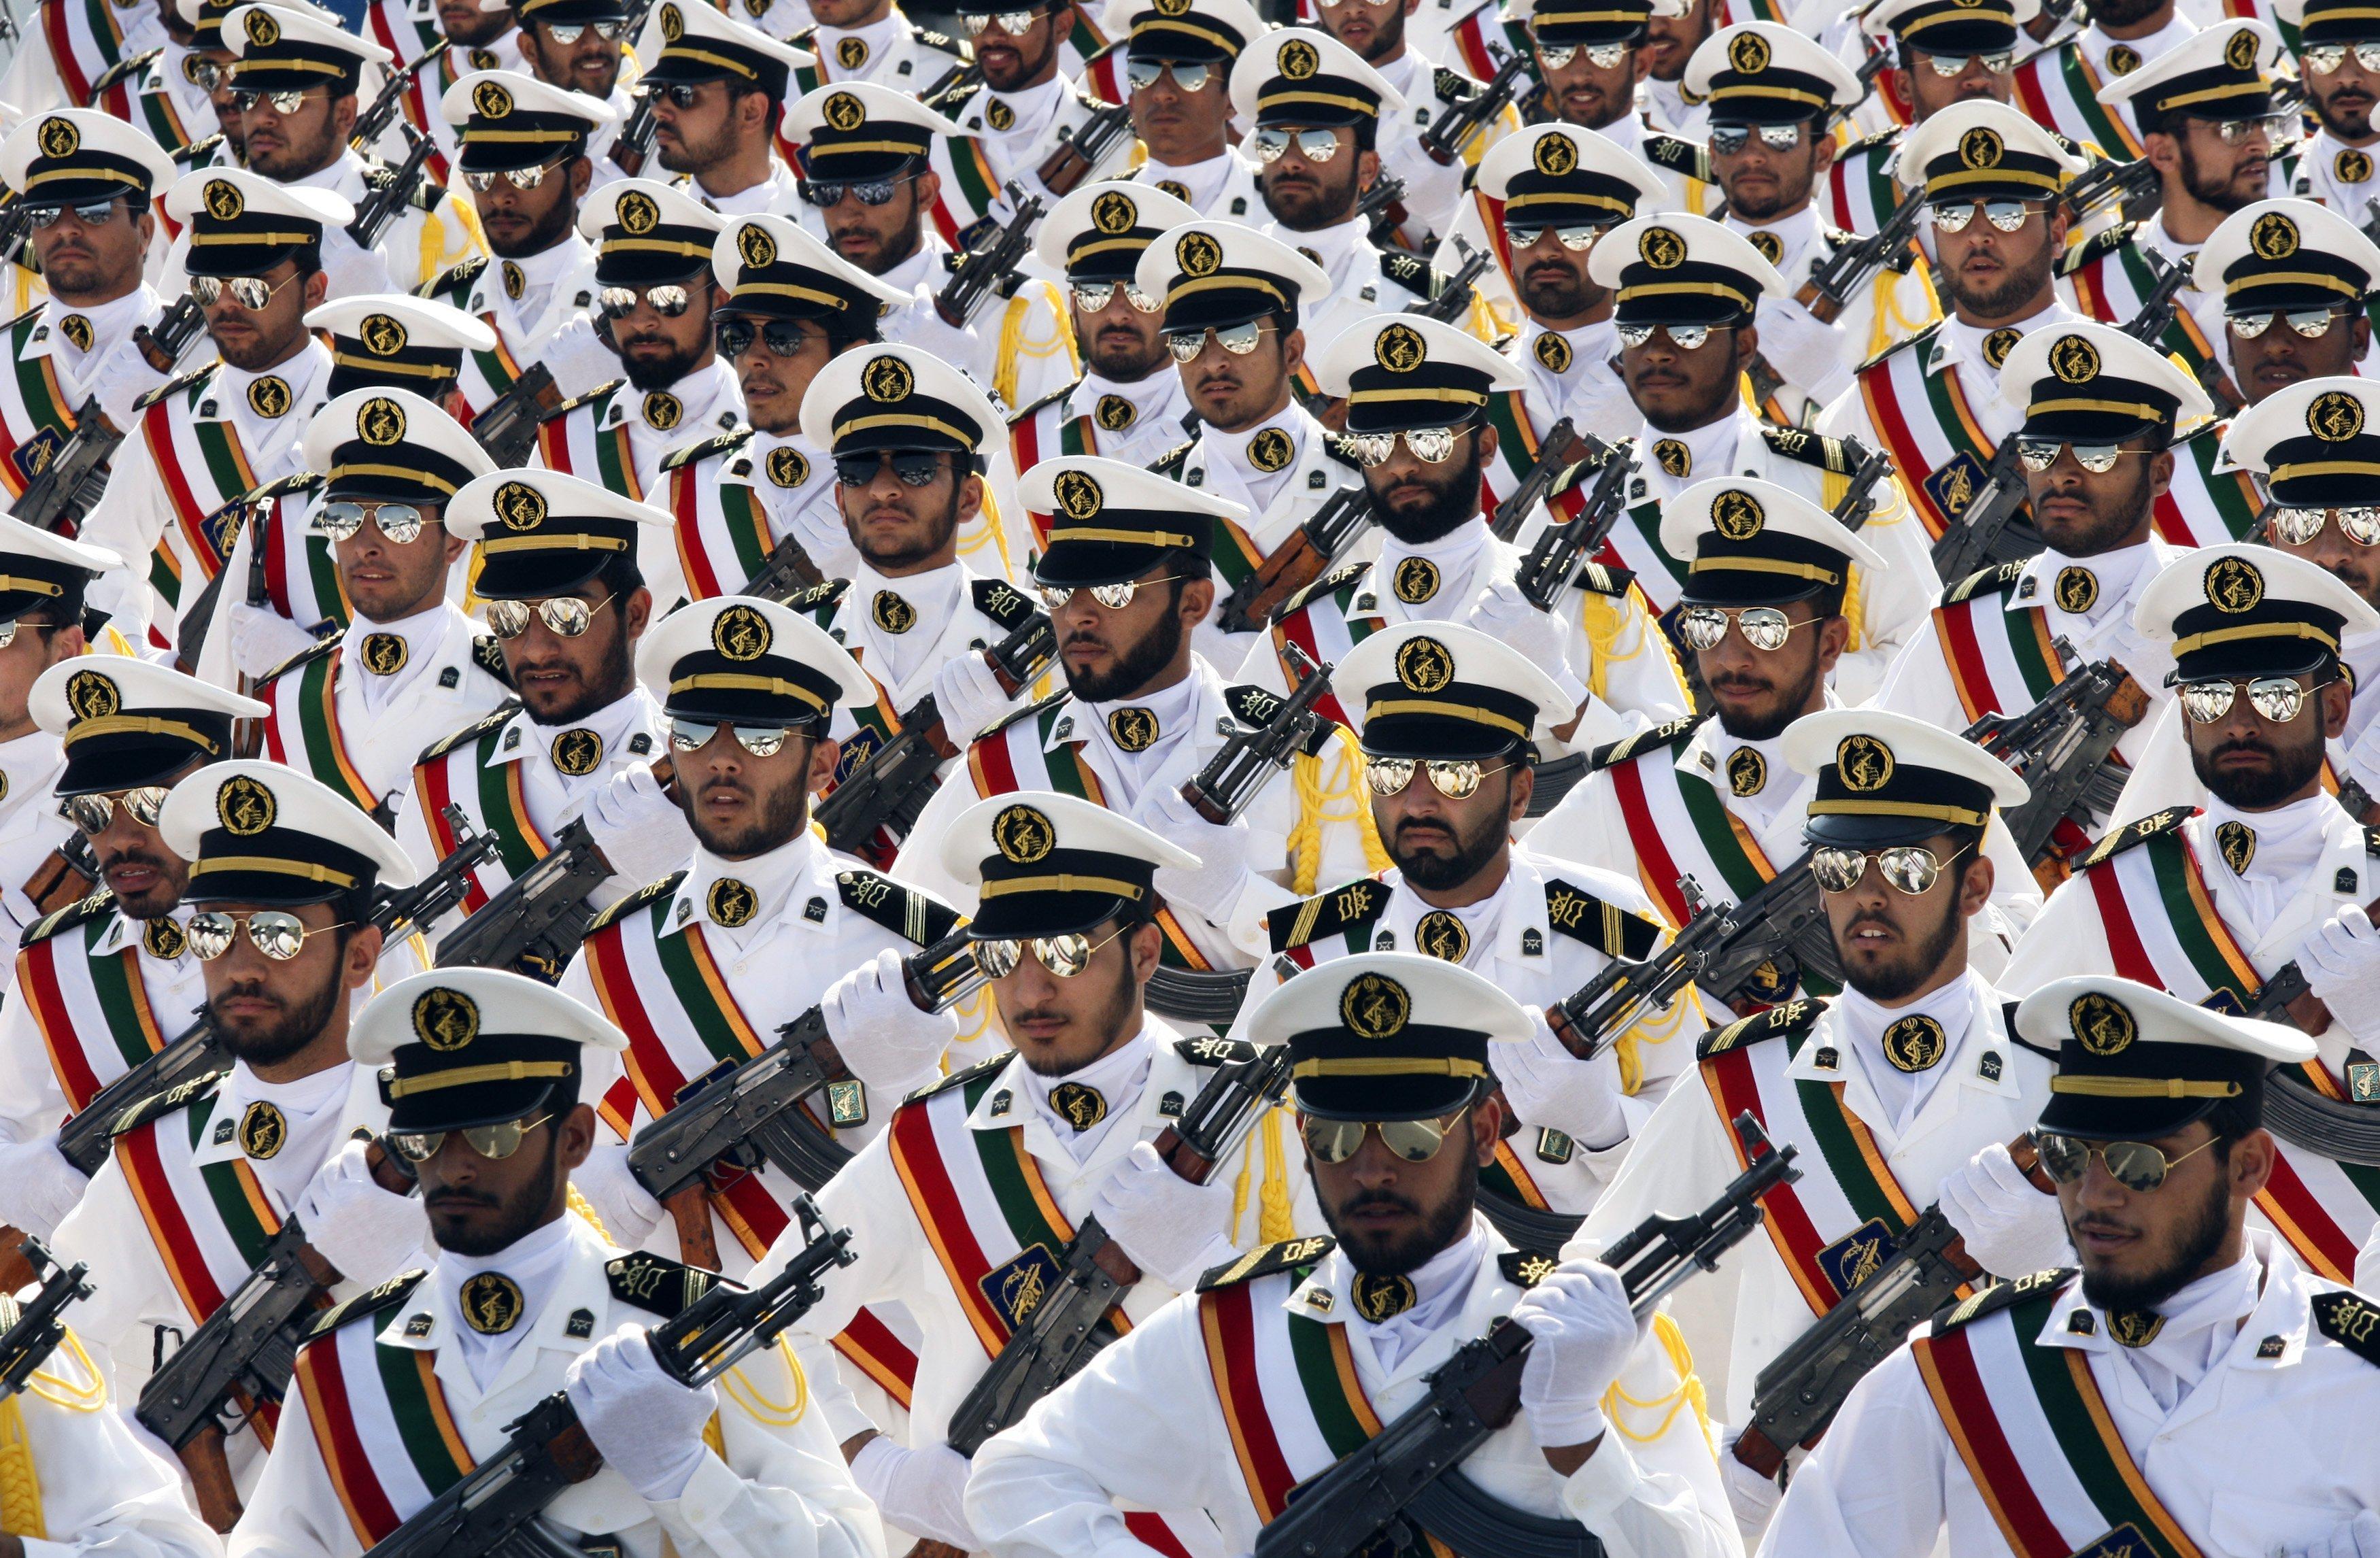 Iran versus the United States